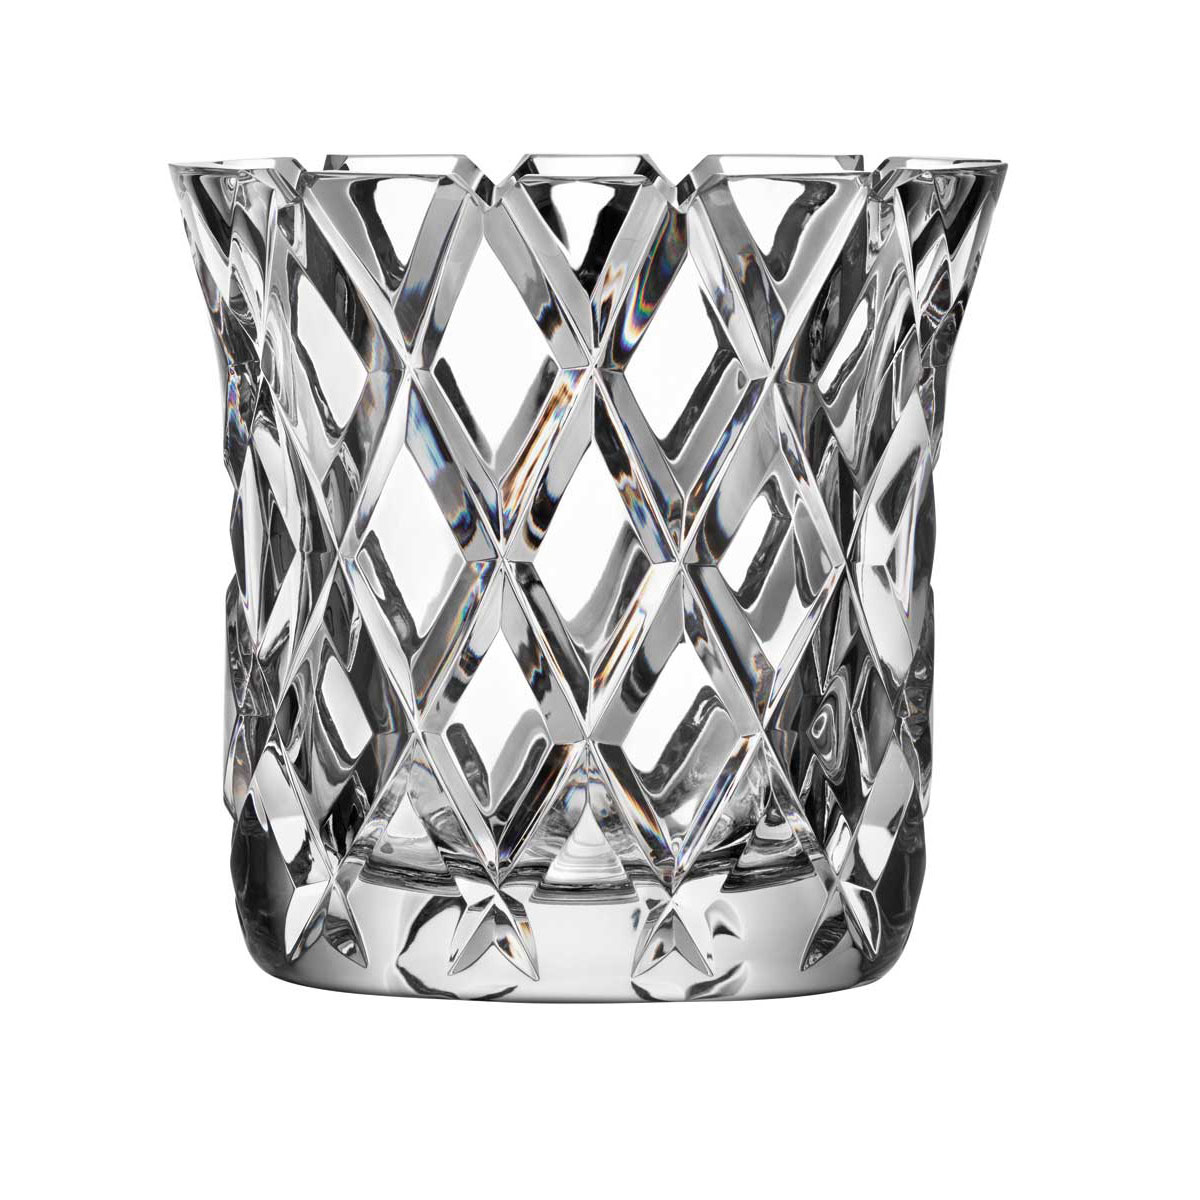 Orrefors Crystal, Sofiero Crystal Vase